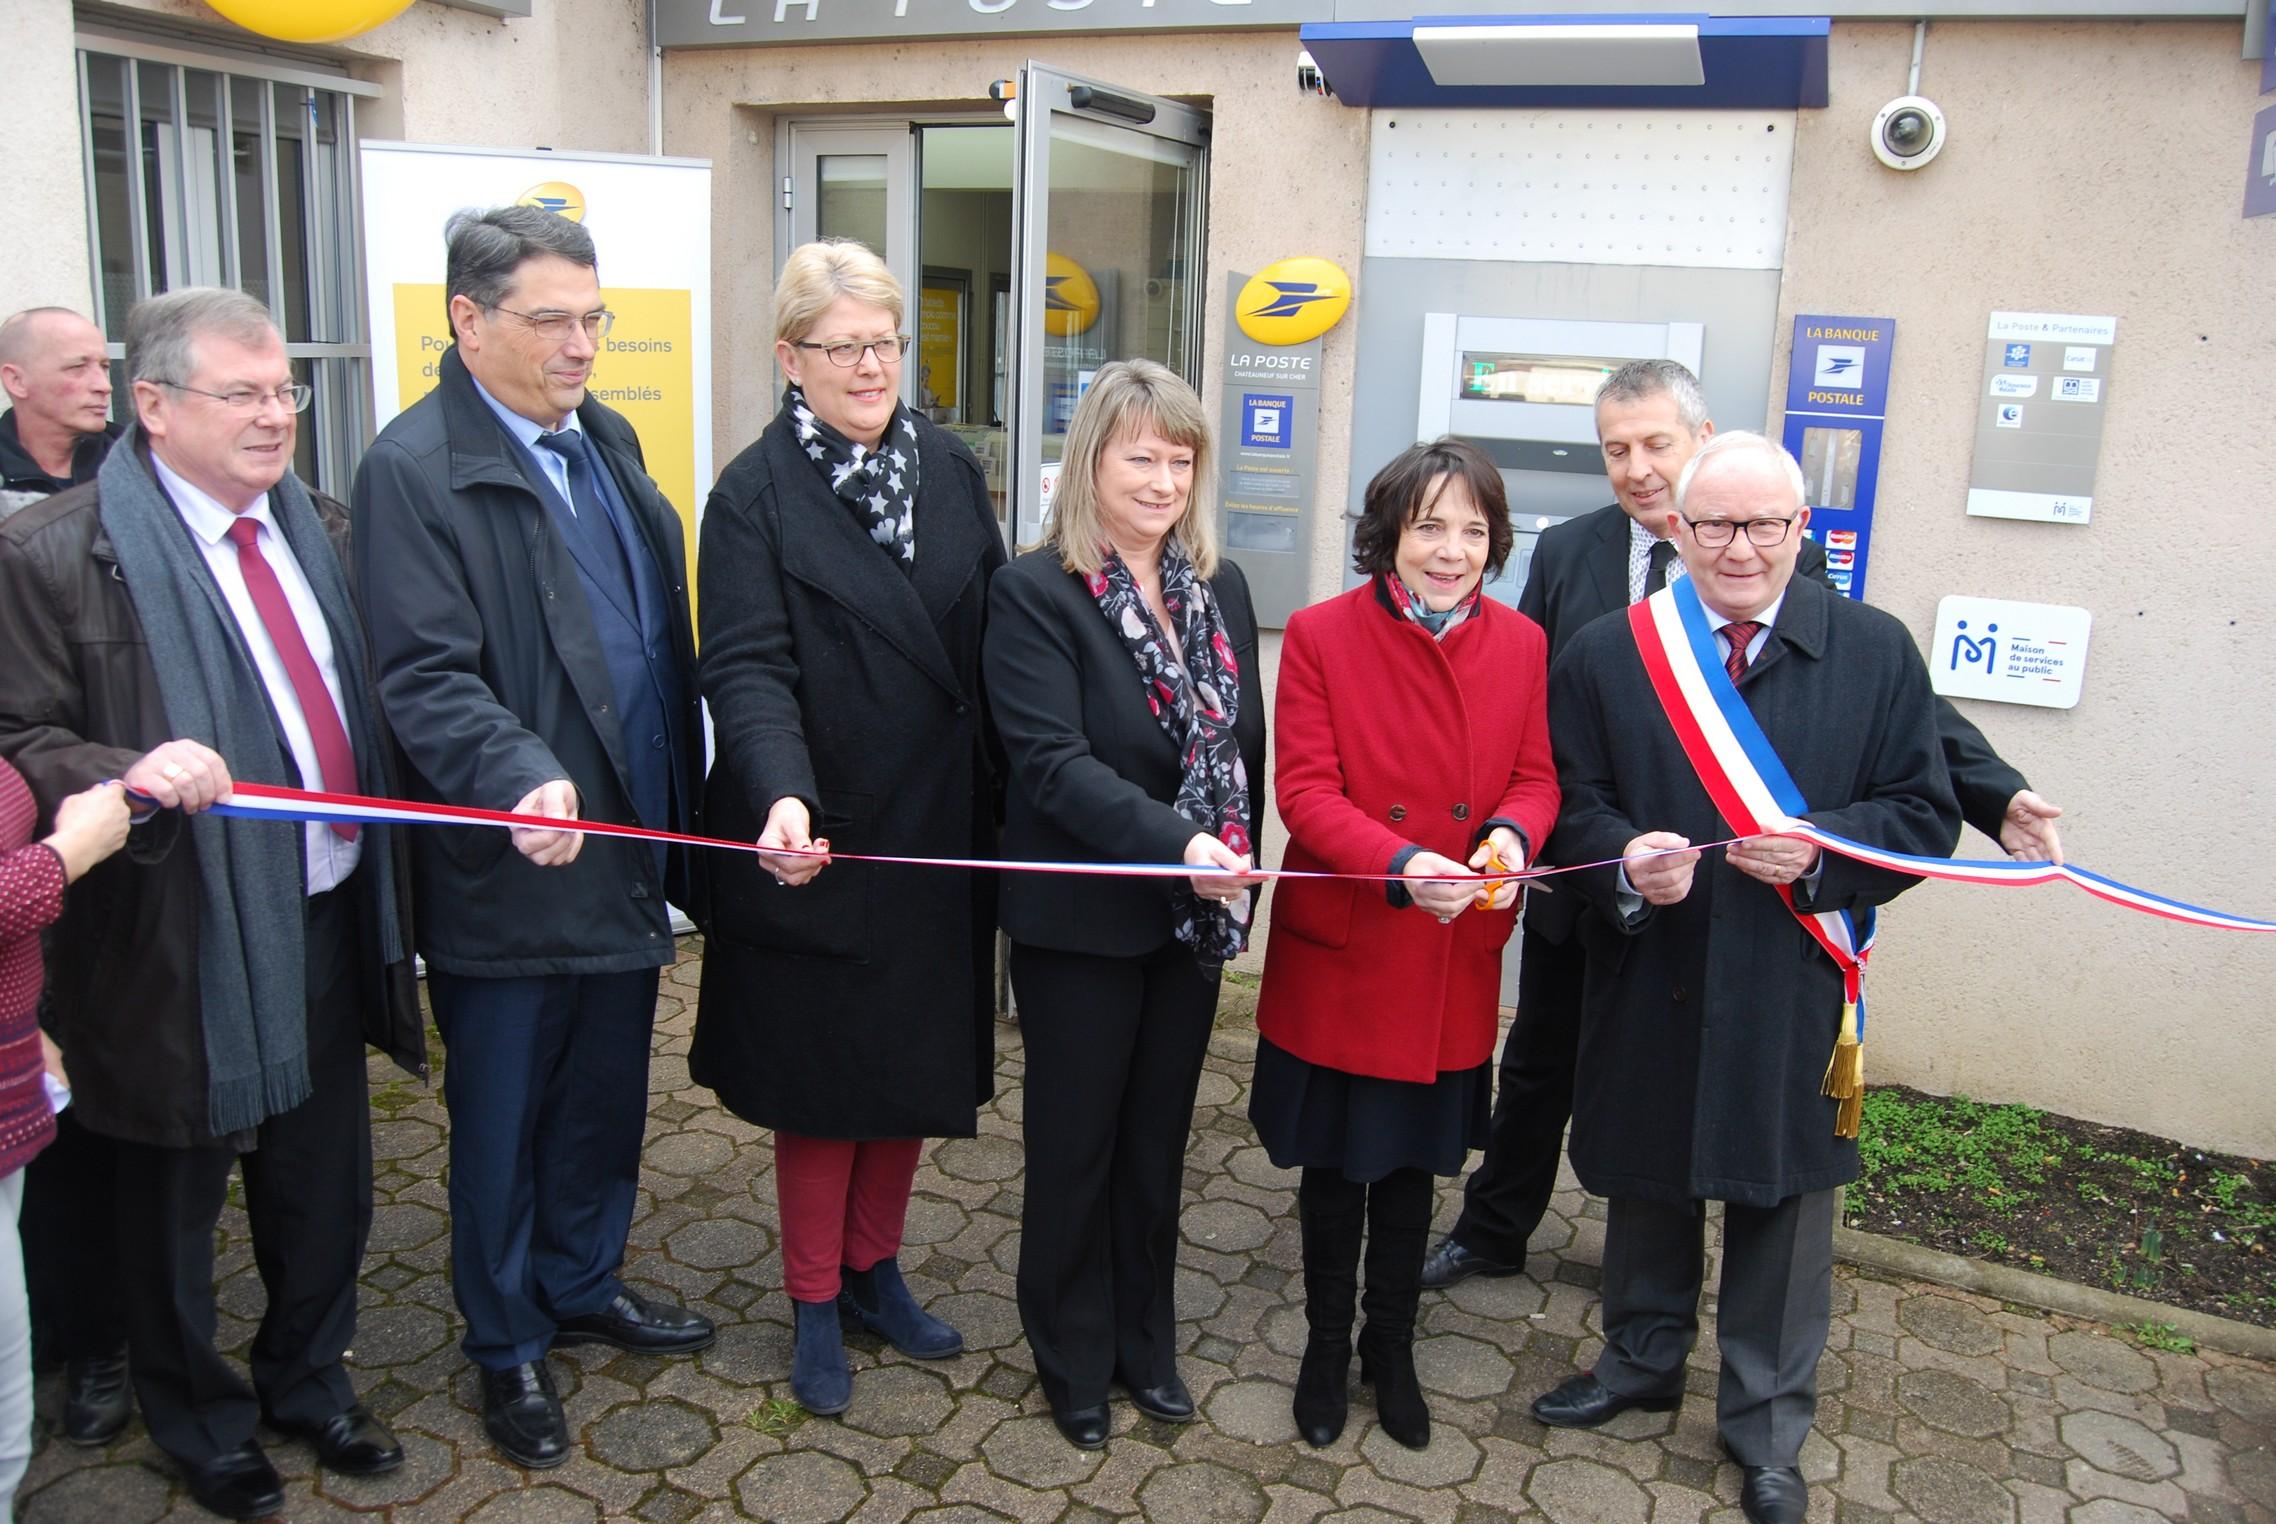 La MSAP de Chateauneuf sur Cher inaugurée le 21 février 2018, notamment par Catherine Ferrier, préfète du Cher et Patrick Vautier, sous-préfet de Vierzon en charge du schéma d'accessibilité aux services publics dans le Cher.